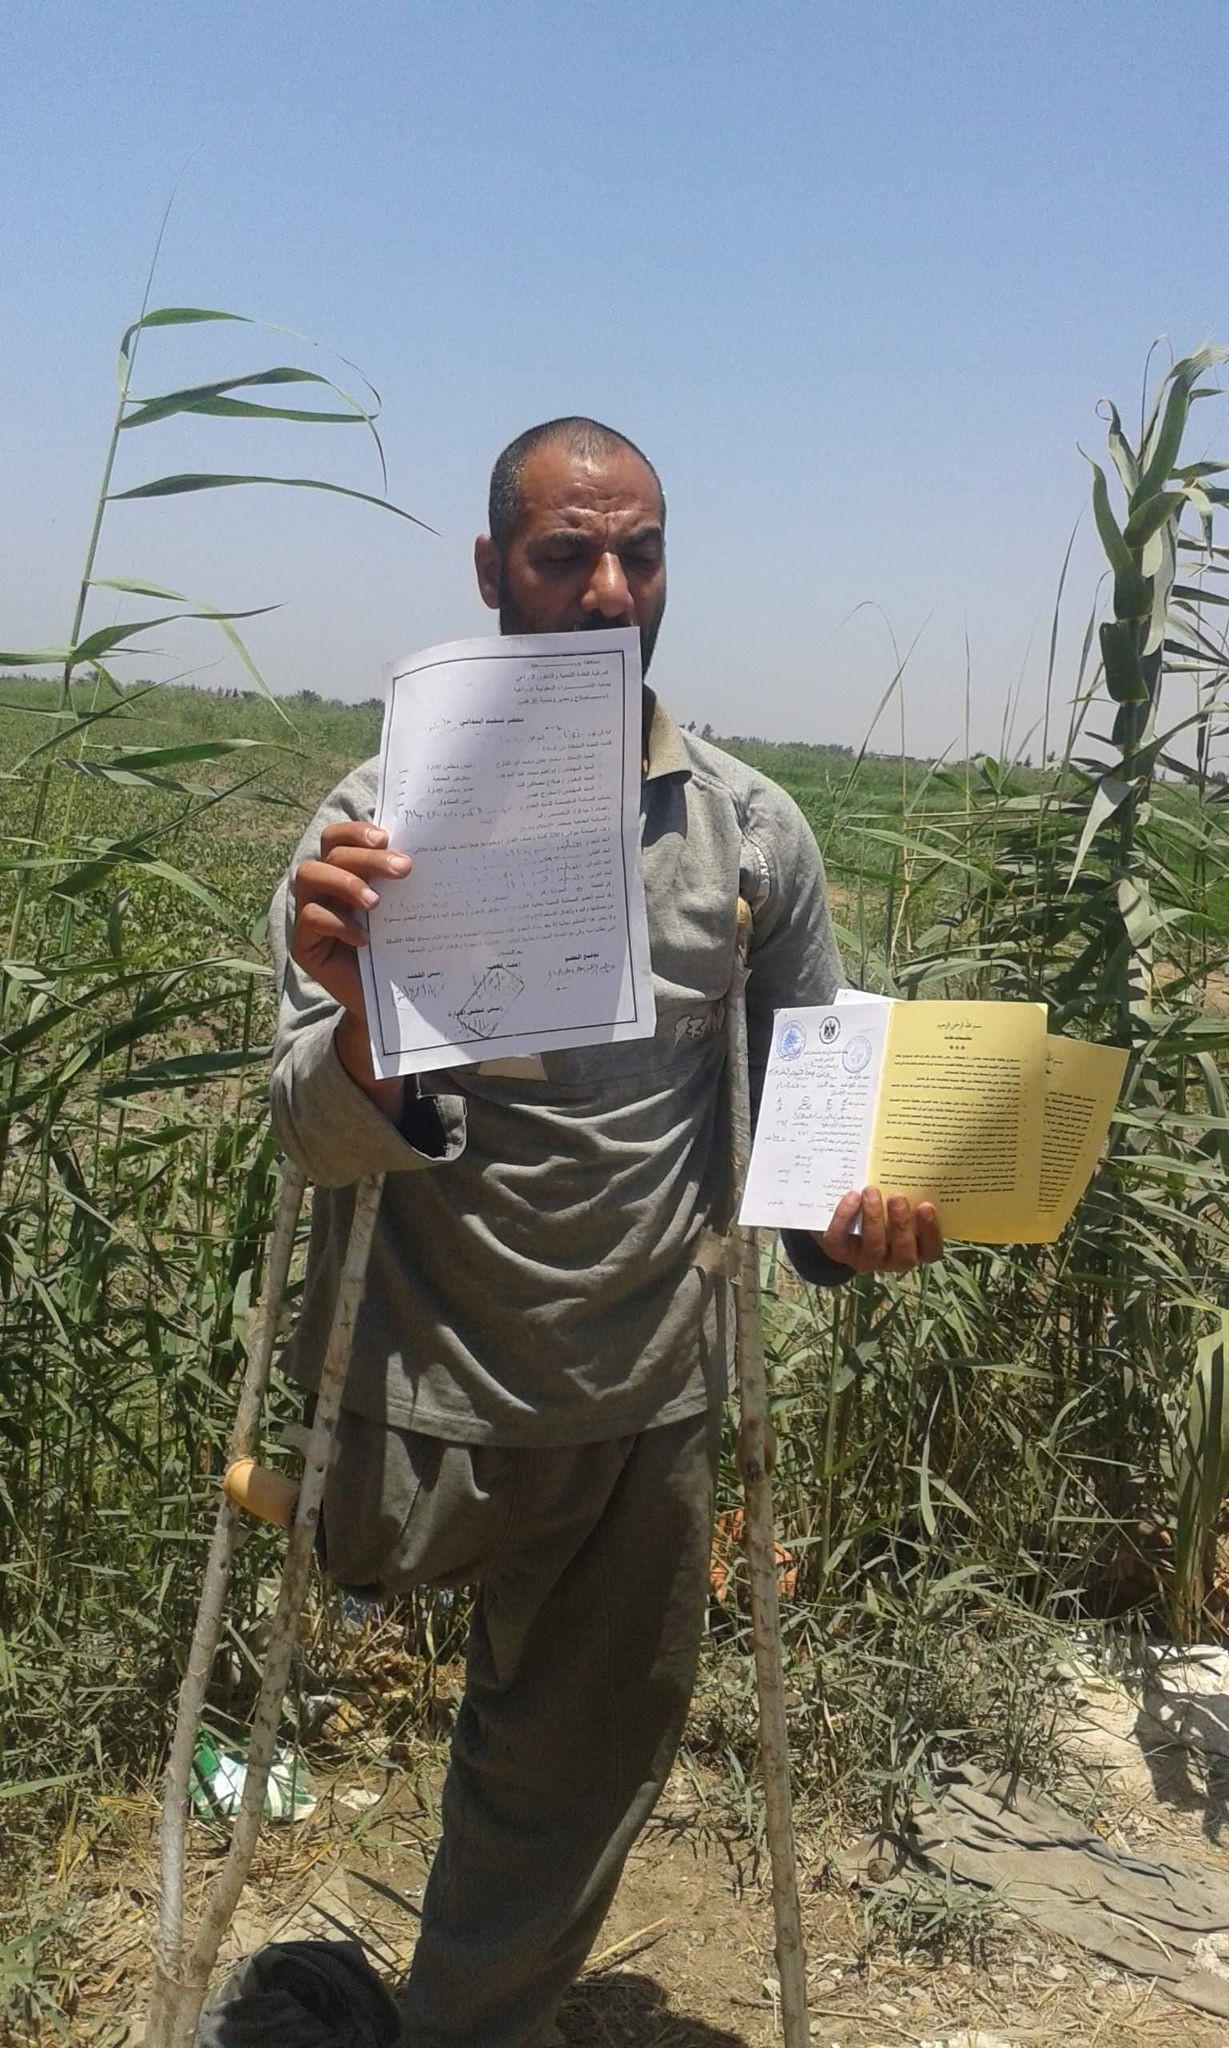 هيئة التعمير تتصدى لمحافظة بورسعيد لعدم هدم منازل المزارعين بالجنوب